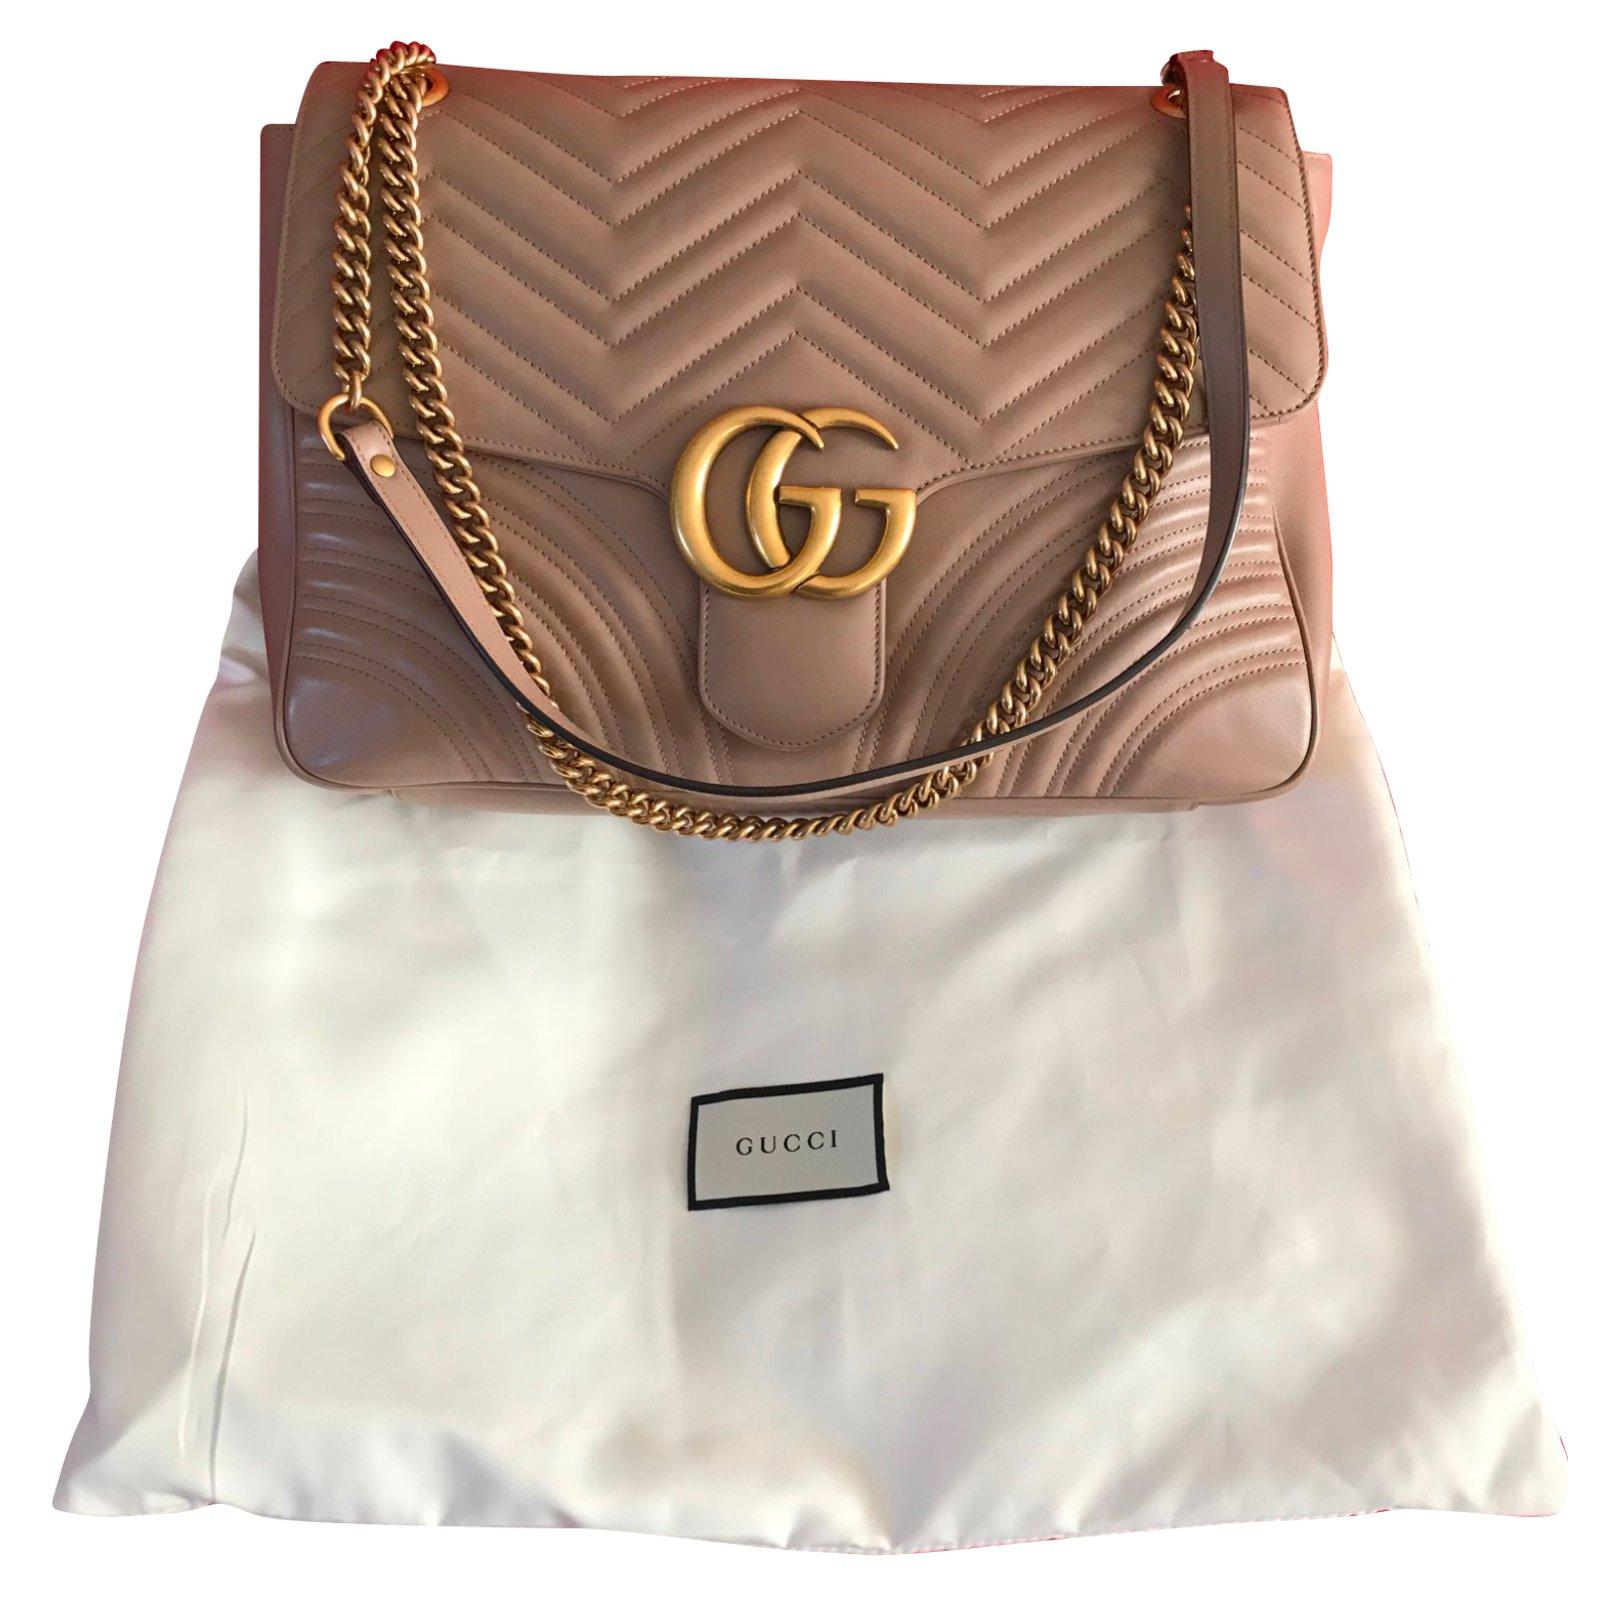 1d221284c216 Gucci GG Marmont medium matelassé chevron shoulder bag in Beige Handbags  Leather Beige ref.77731